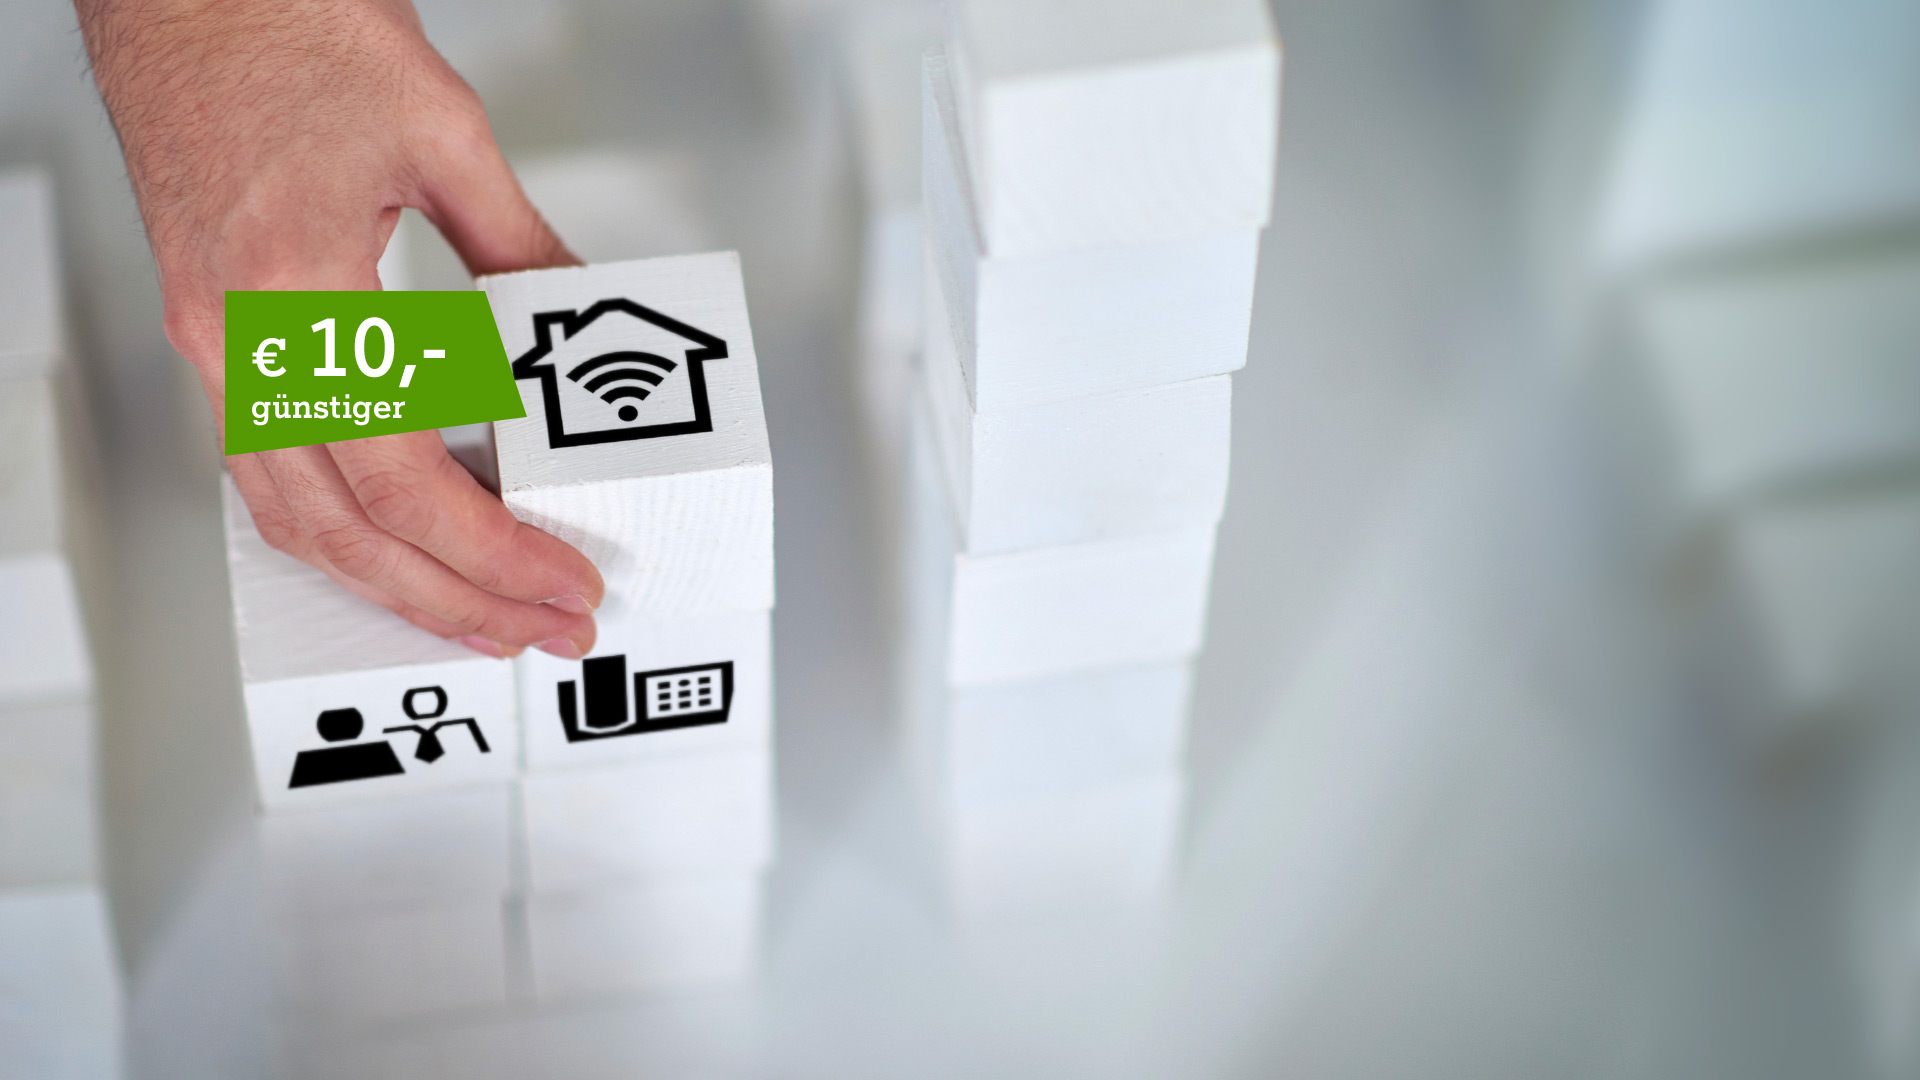 Bausteine mit Internet-Icons und Störer € 10,- günstiger